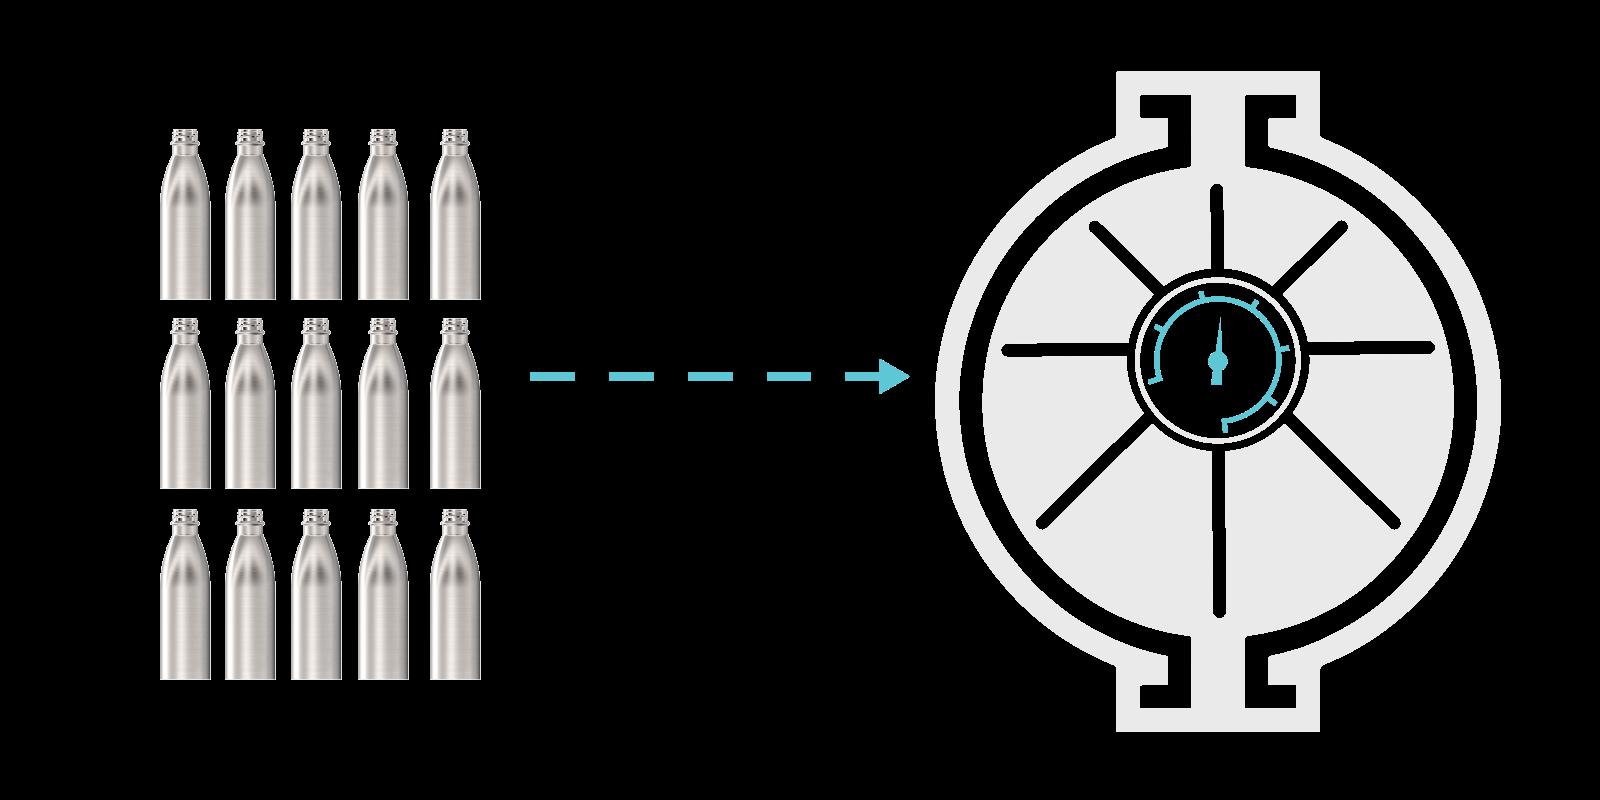 Wie wir unsere Metall-Flaschen herstellen - Step5